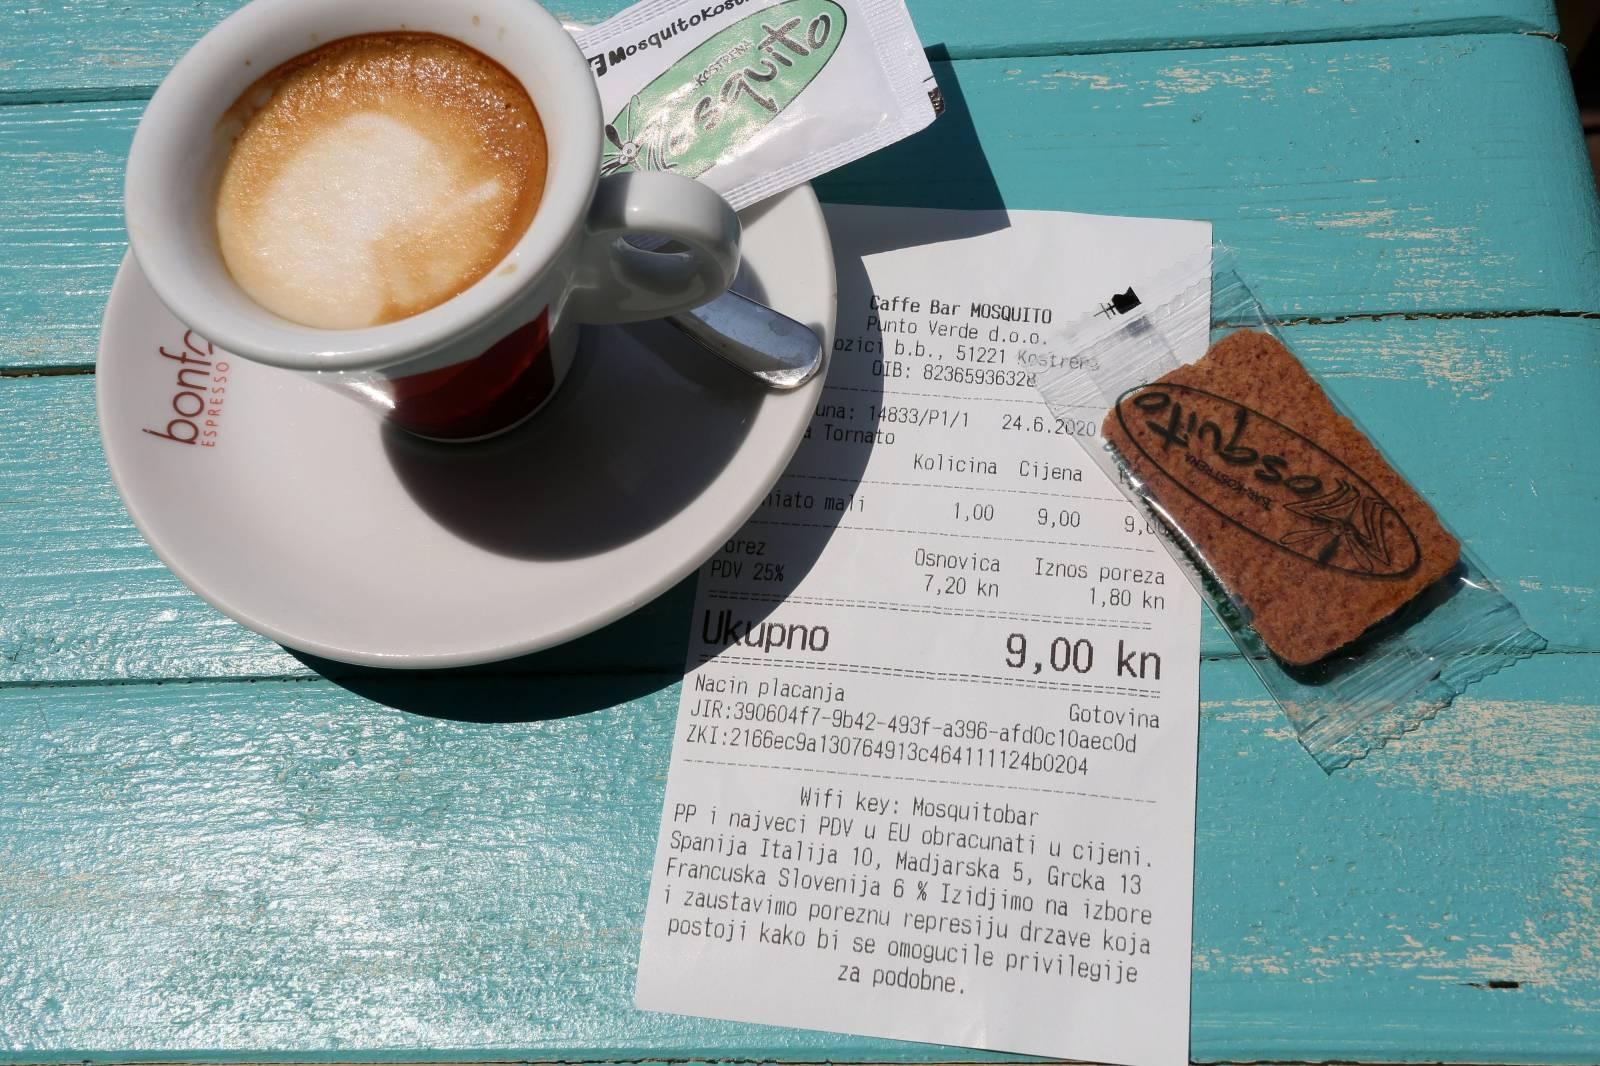 Kostrena: Poruka ispisana na dnu računa pojašnjava gostima zašto je cijena takva kakva jest